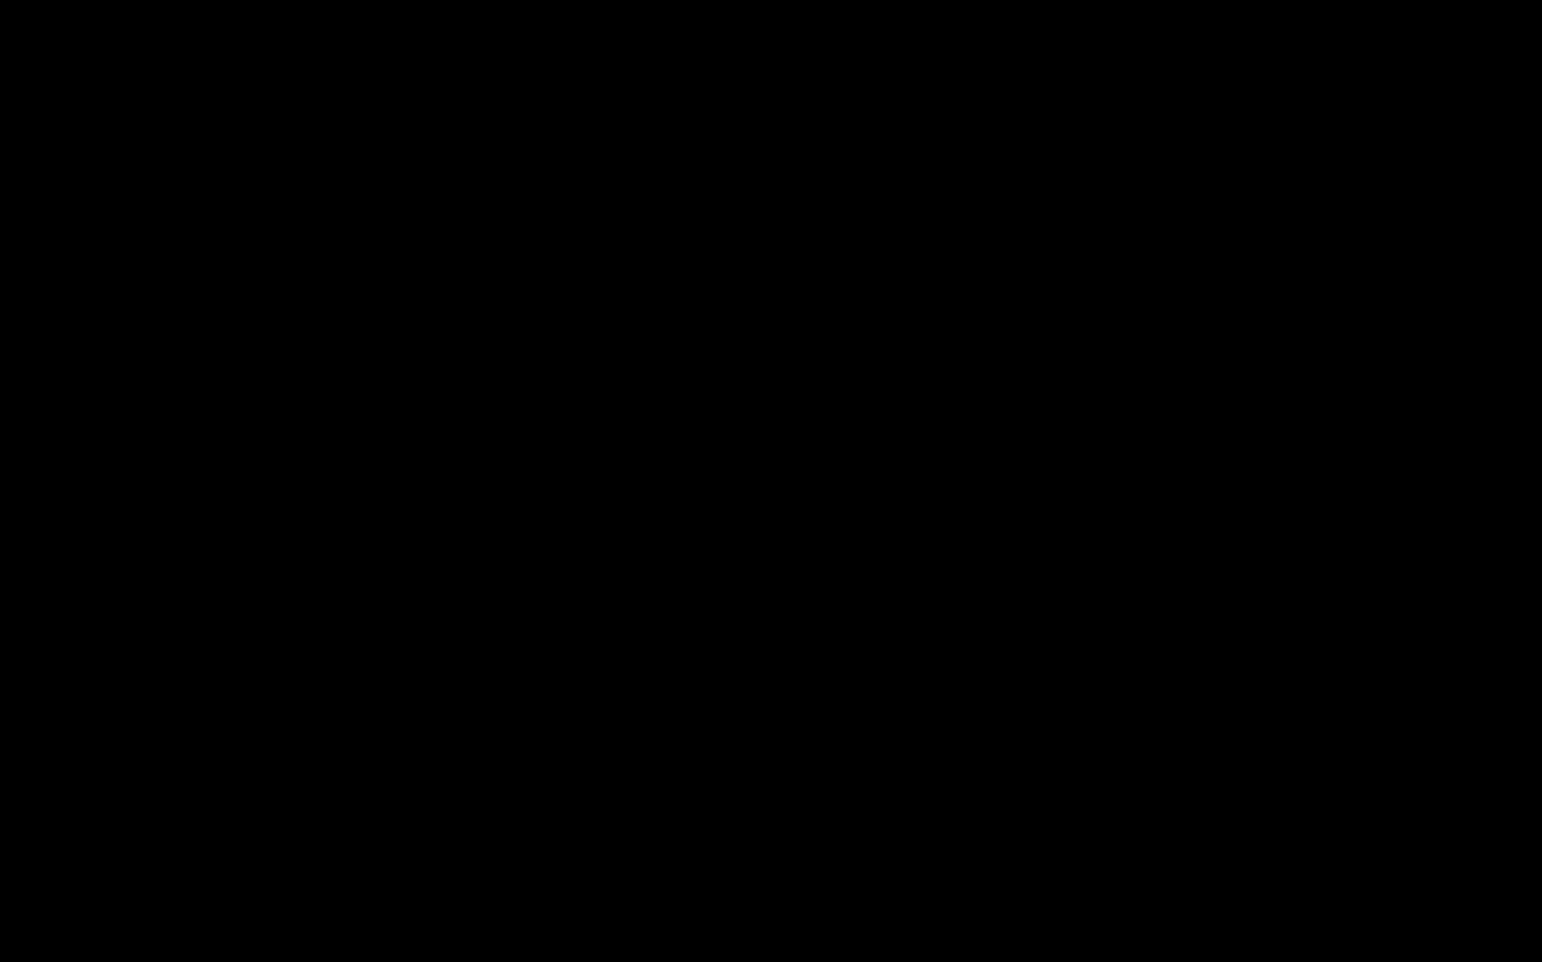 FGIN-1-27